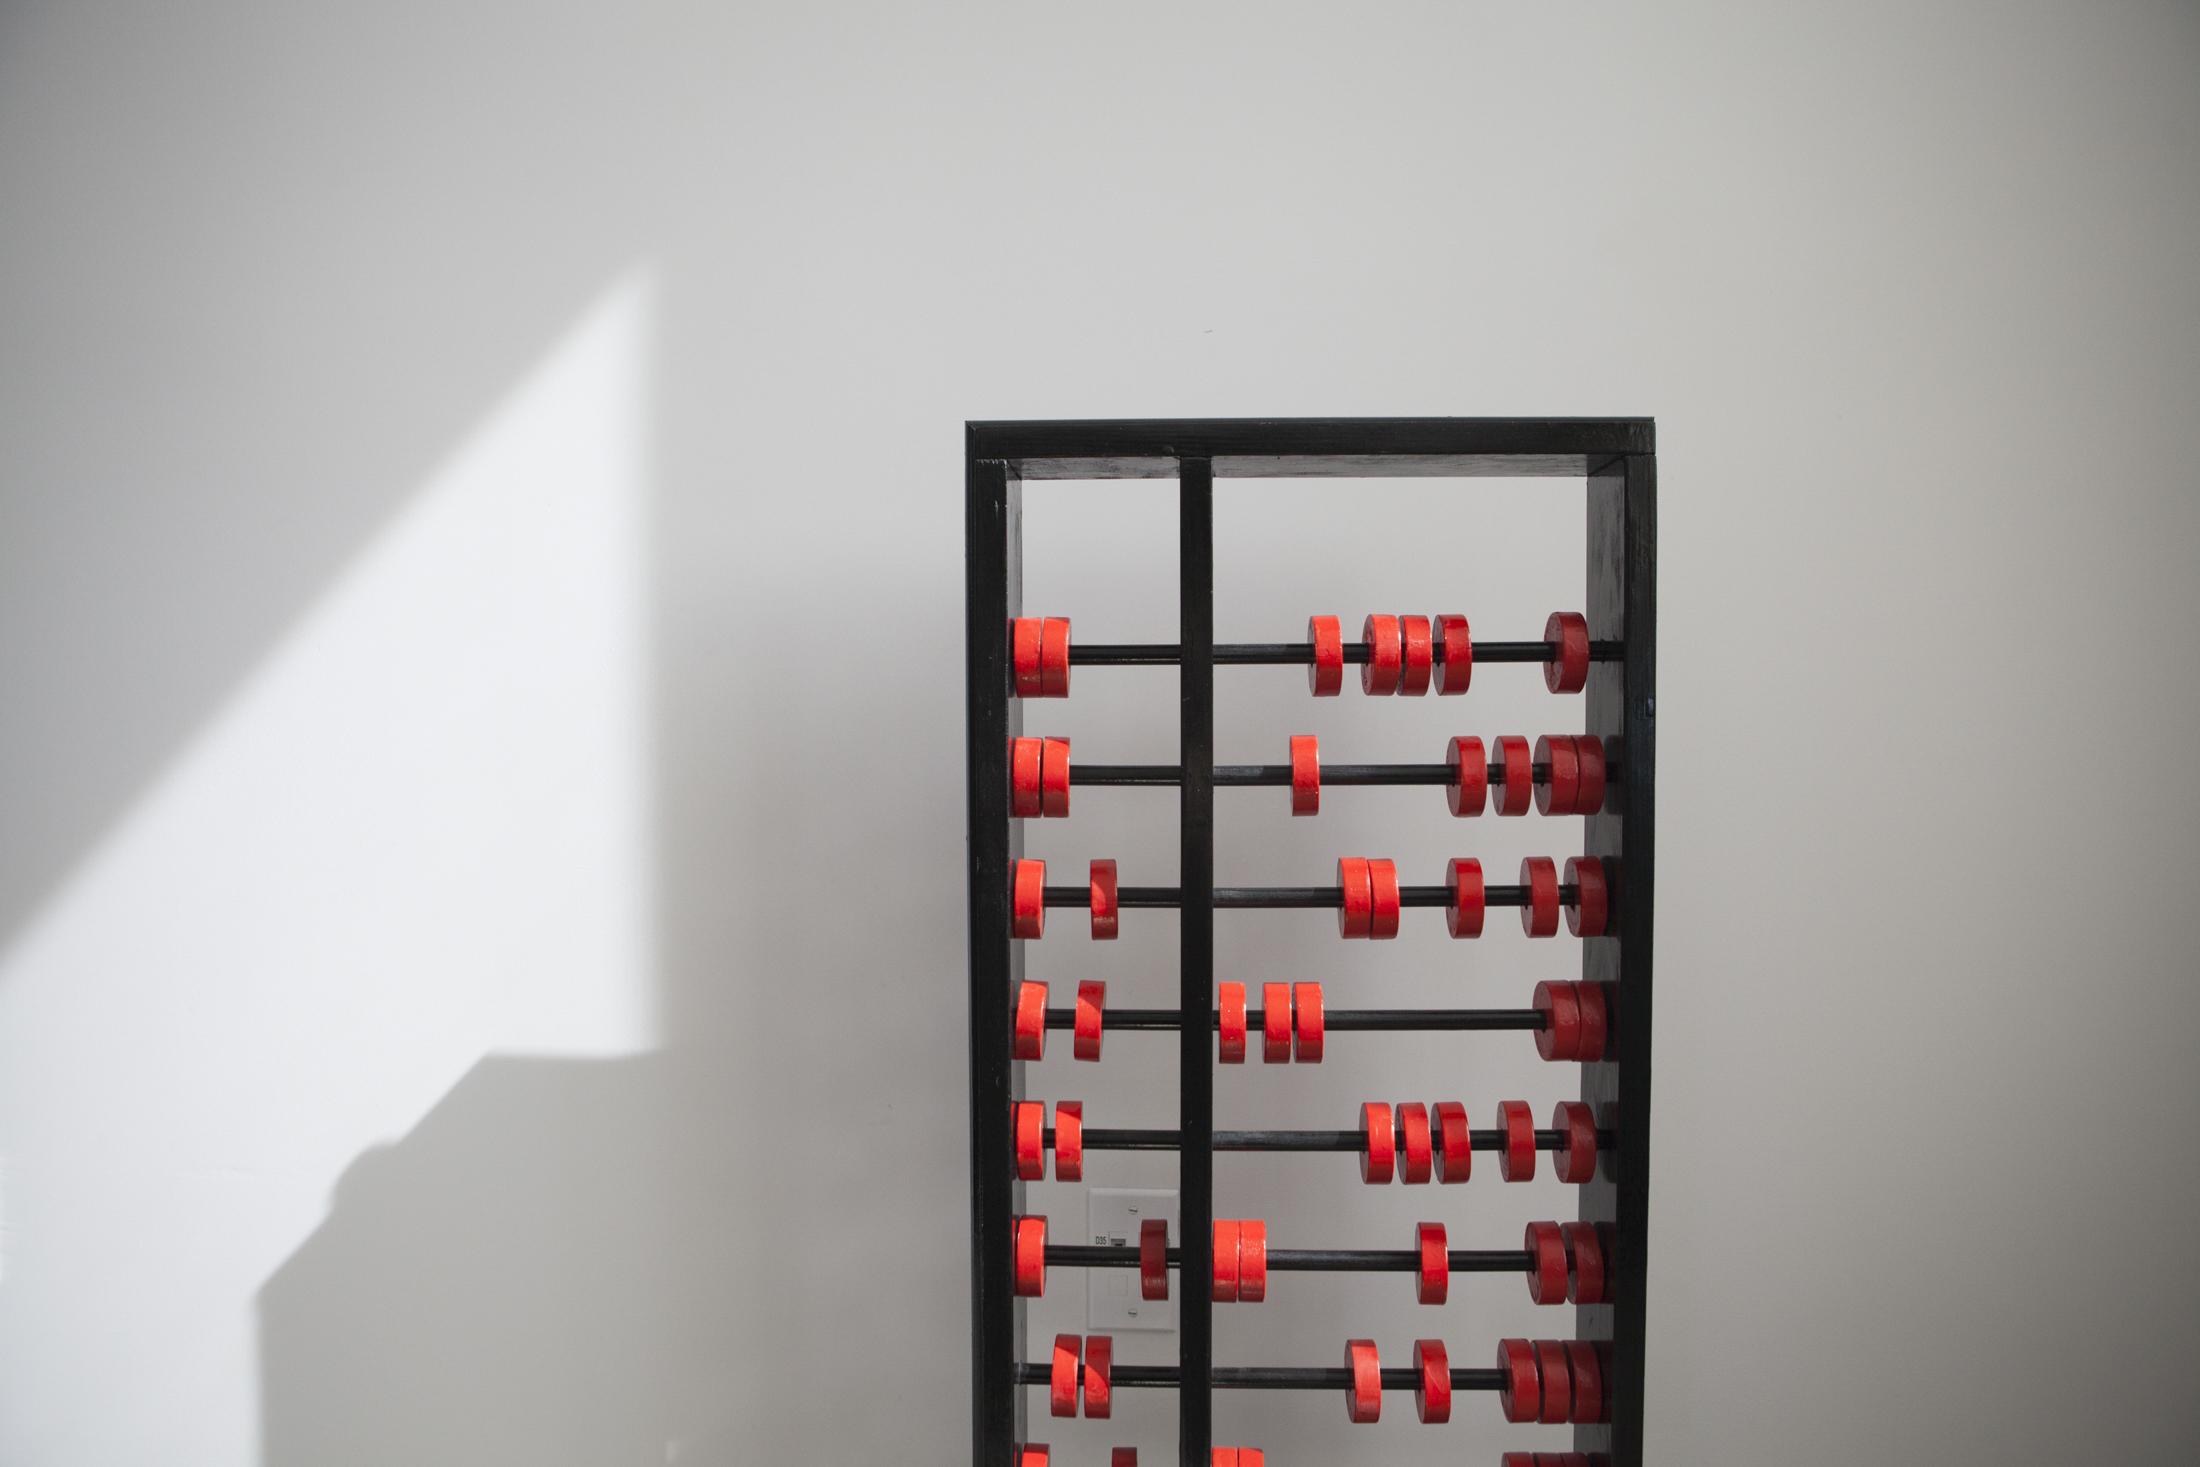 27-929-Details-abacus18-7140.jpg